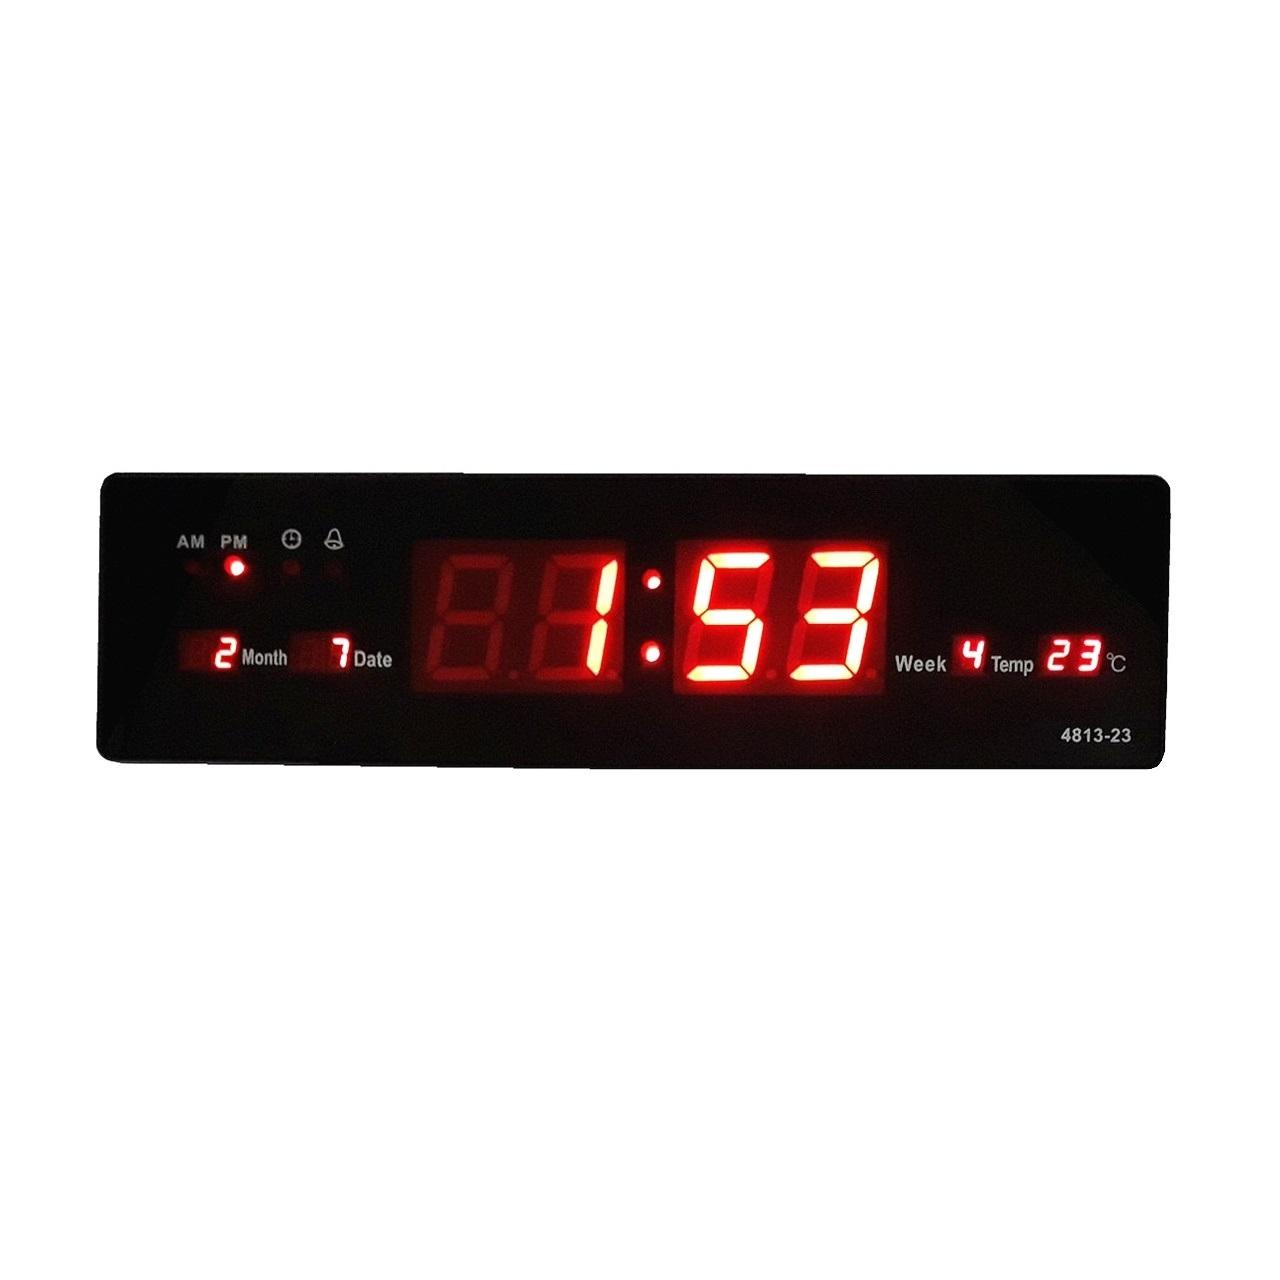 ساعت دیجیتال  سایز بزرگ مدل TDCK-4813